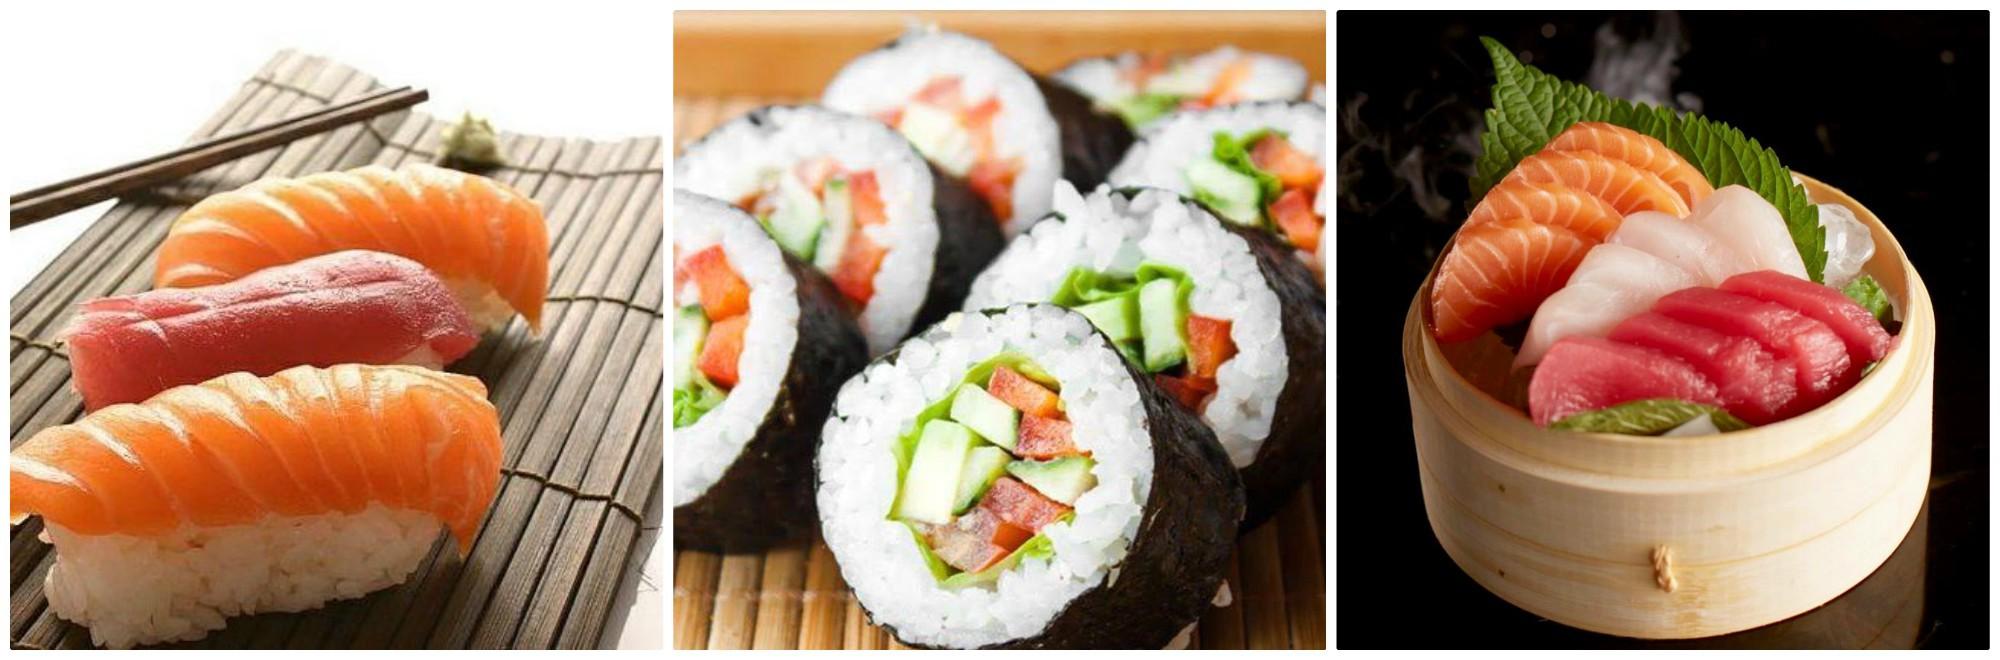 Sushis makis et sashimi